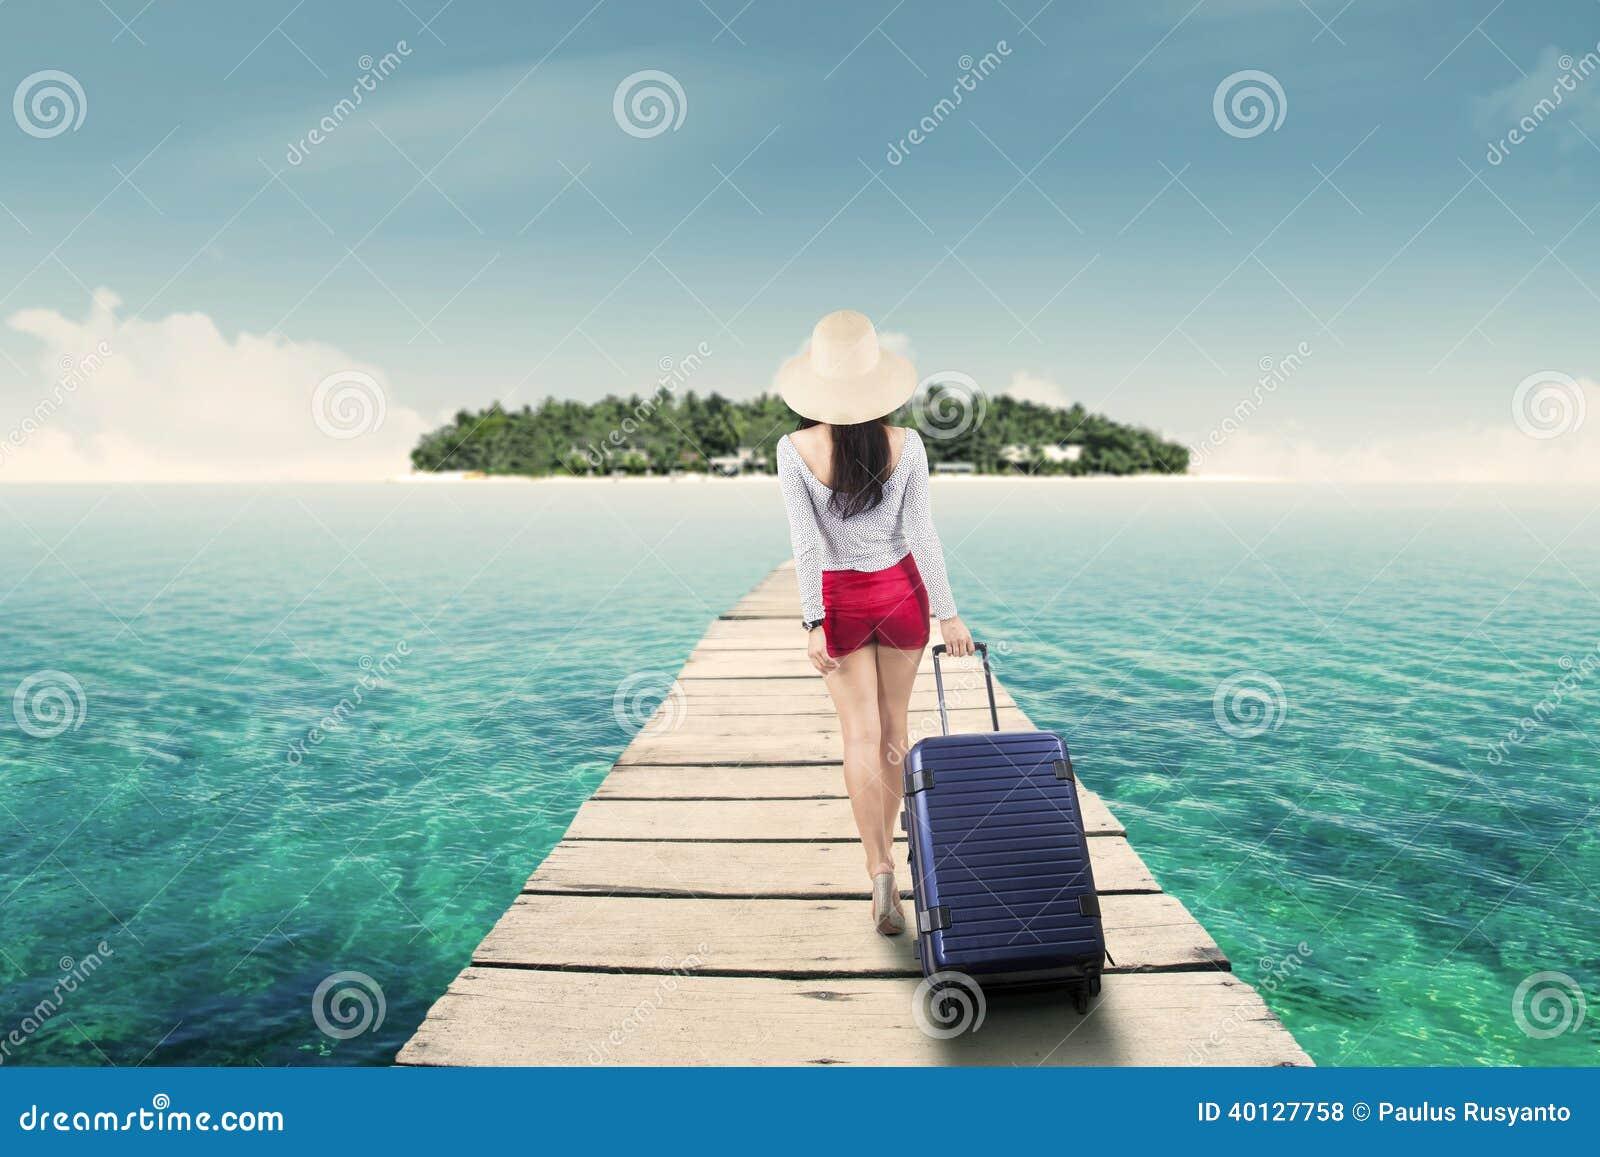 Jonge vrouw die naar eiland lopen